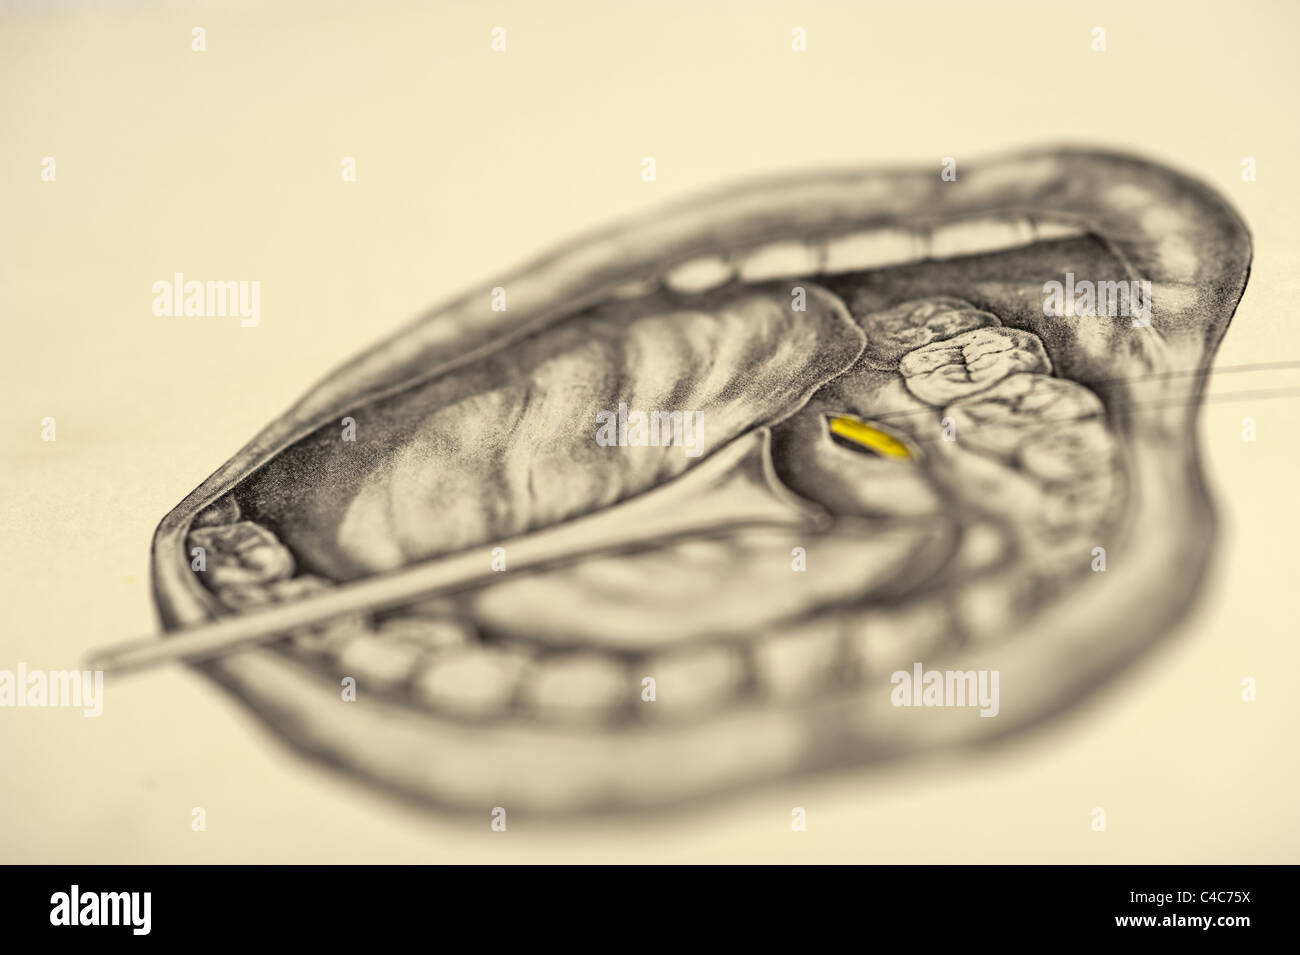 Tonsils And Tongue Stockfotos & Tonsils And Tongue Bilder - Alamy